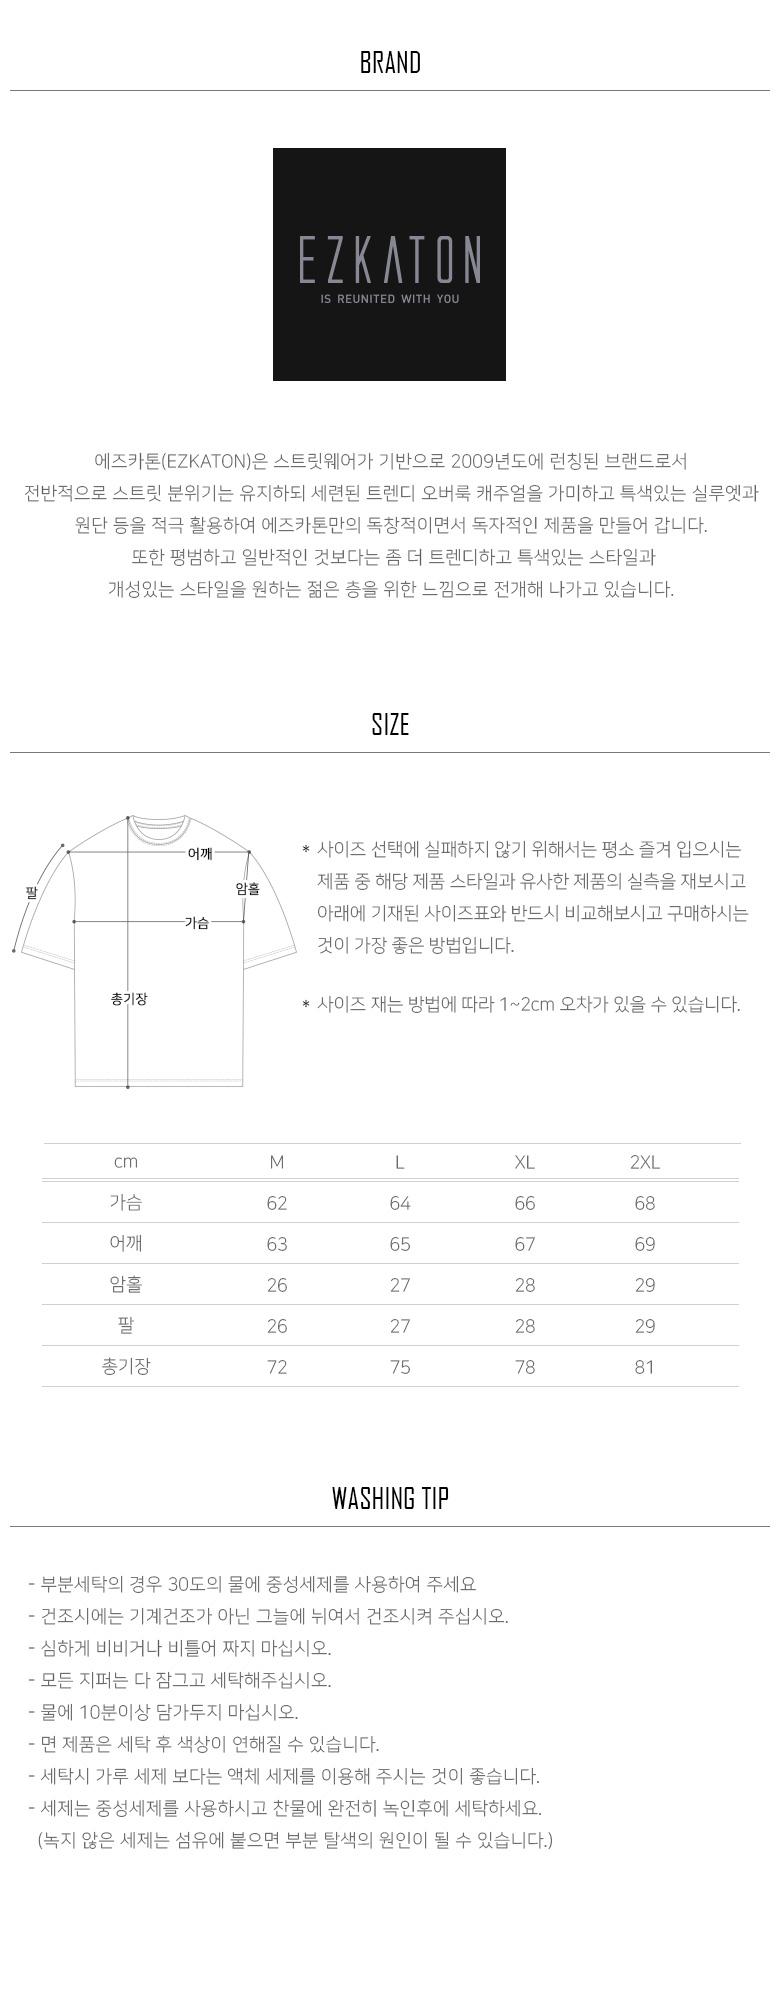 20190319_ez_amount_size.jpg